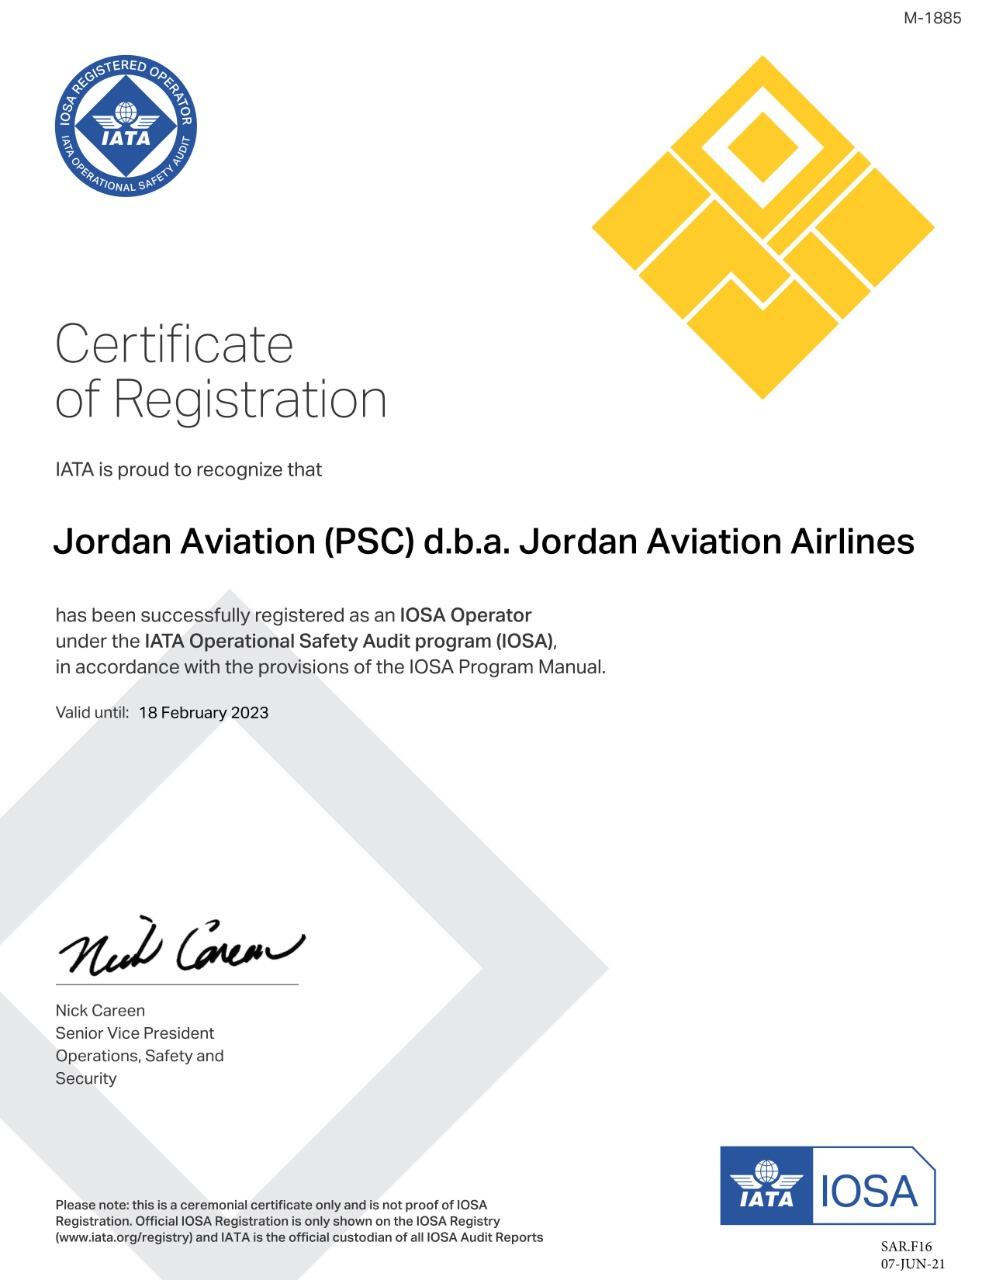 الاردنية للطيران تحصل على شهادة الايوسا للمرة الثامنة